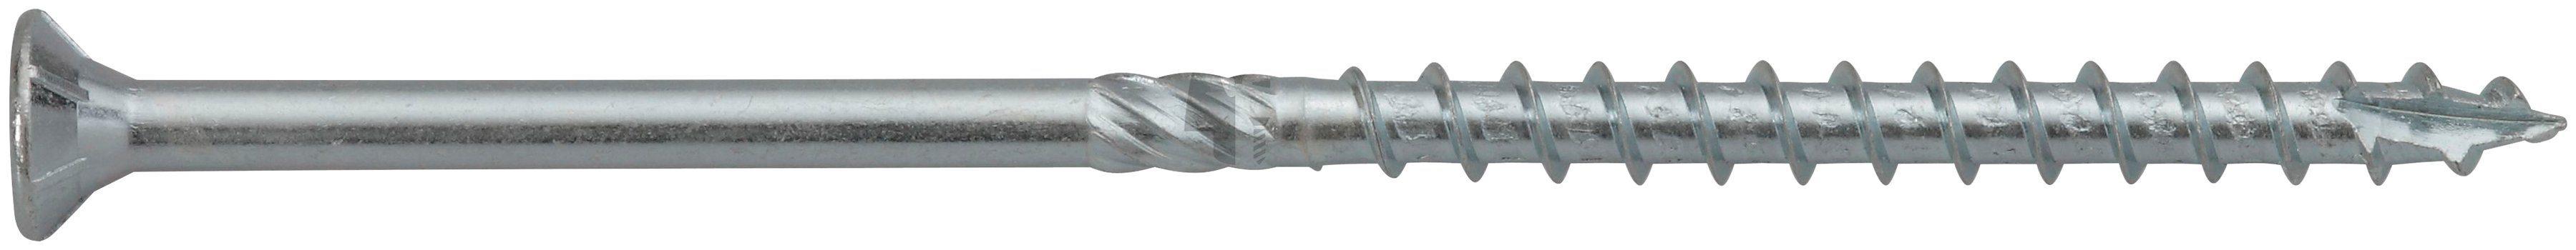 RAMSES Schrauben , Holzbauschraube 6 x 160 mm 100 Stk.